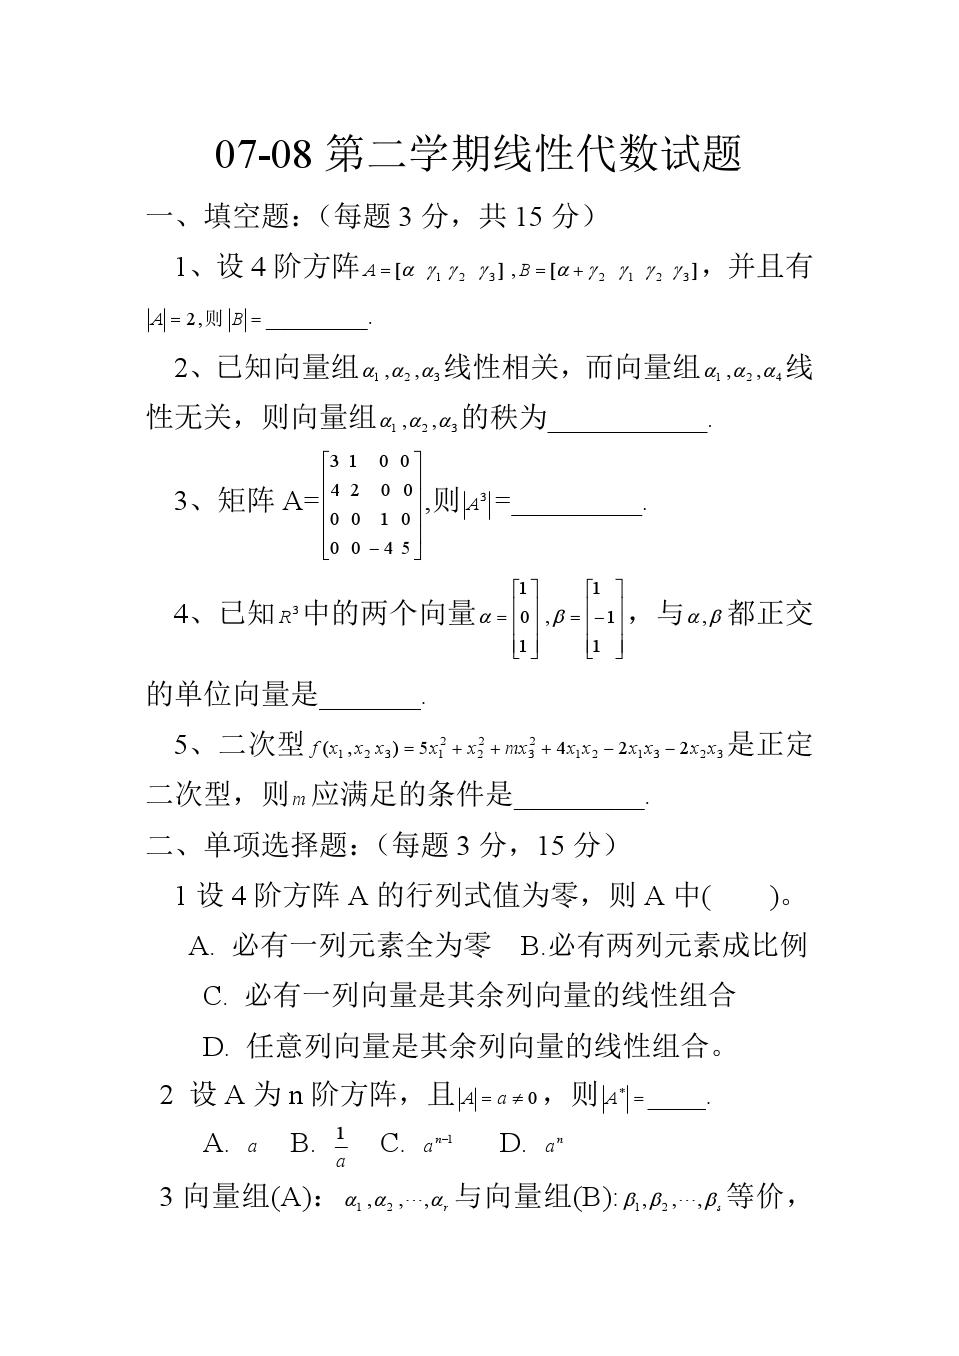 7-08学年第二学期山东理工大学线性代数试题答